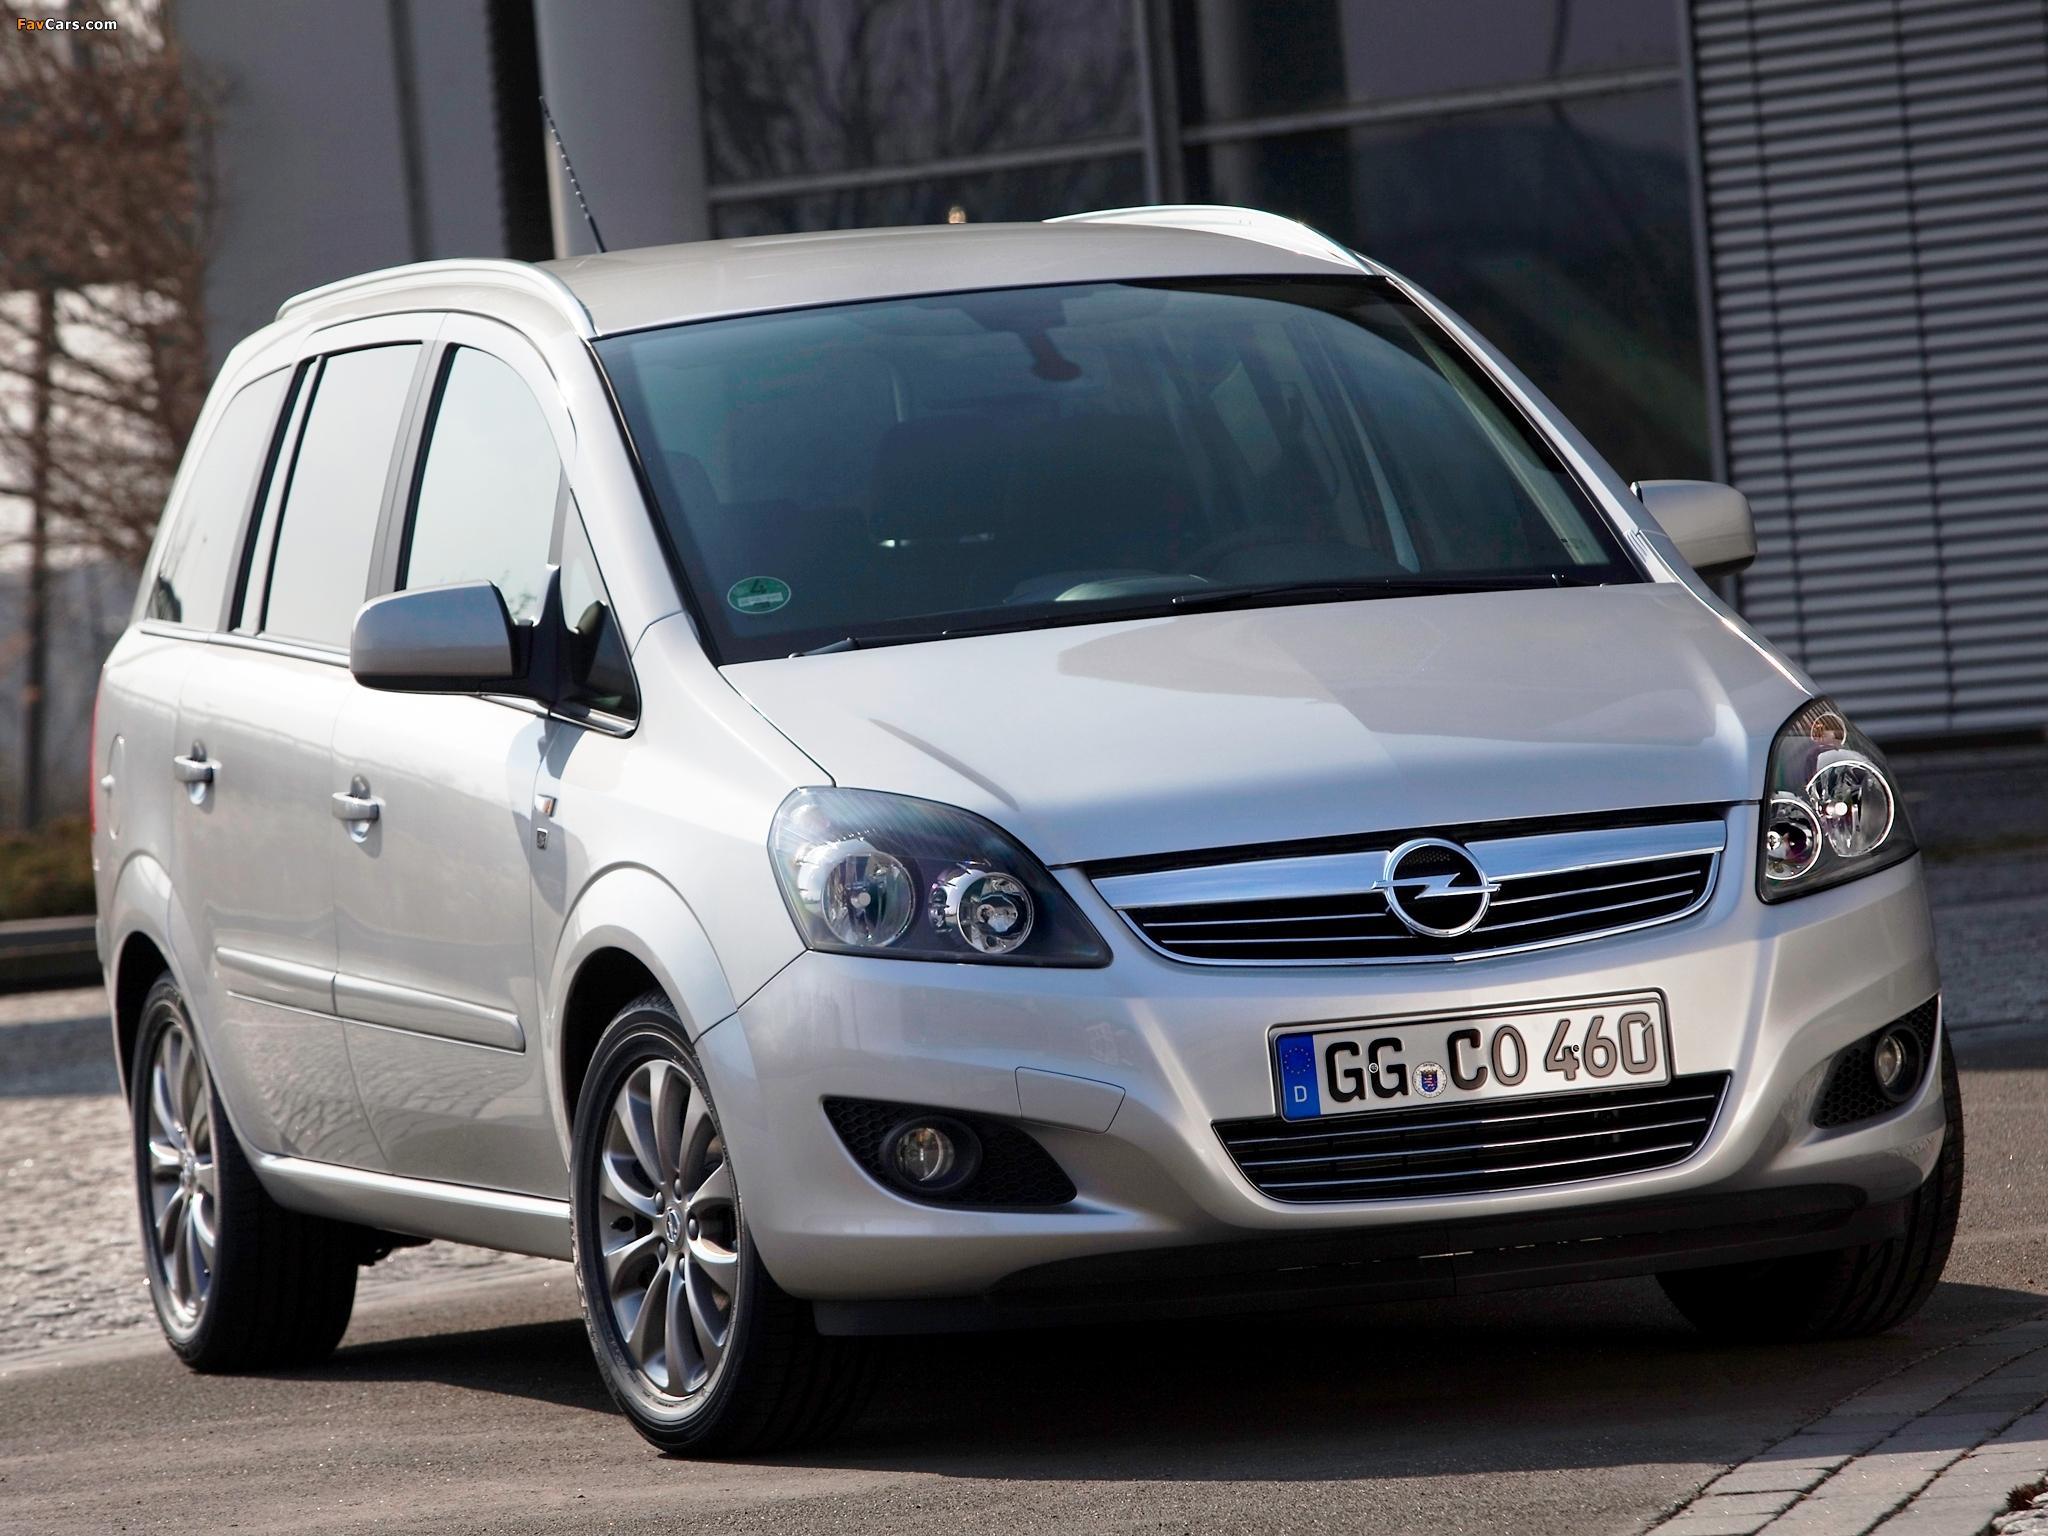 Opel Zafira ecoFLEX (B) 2009 images (2048 x 1536)